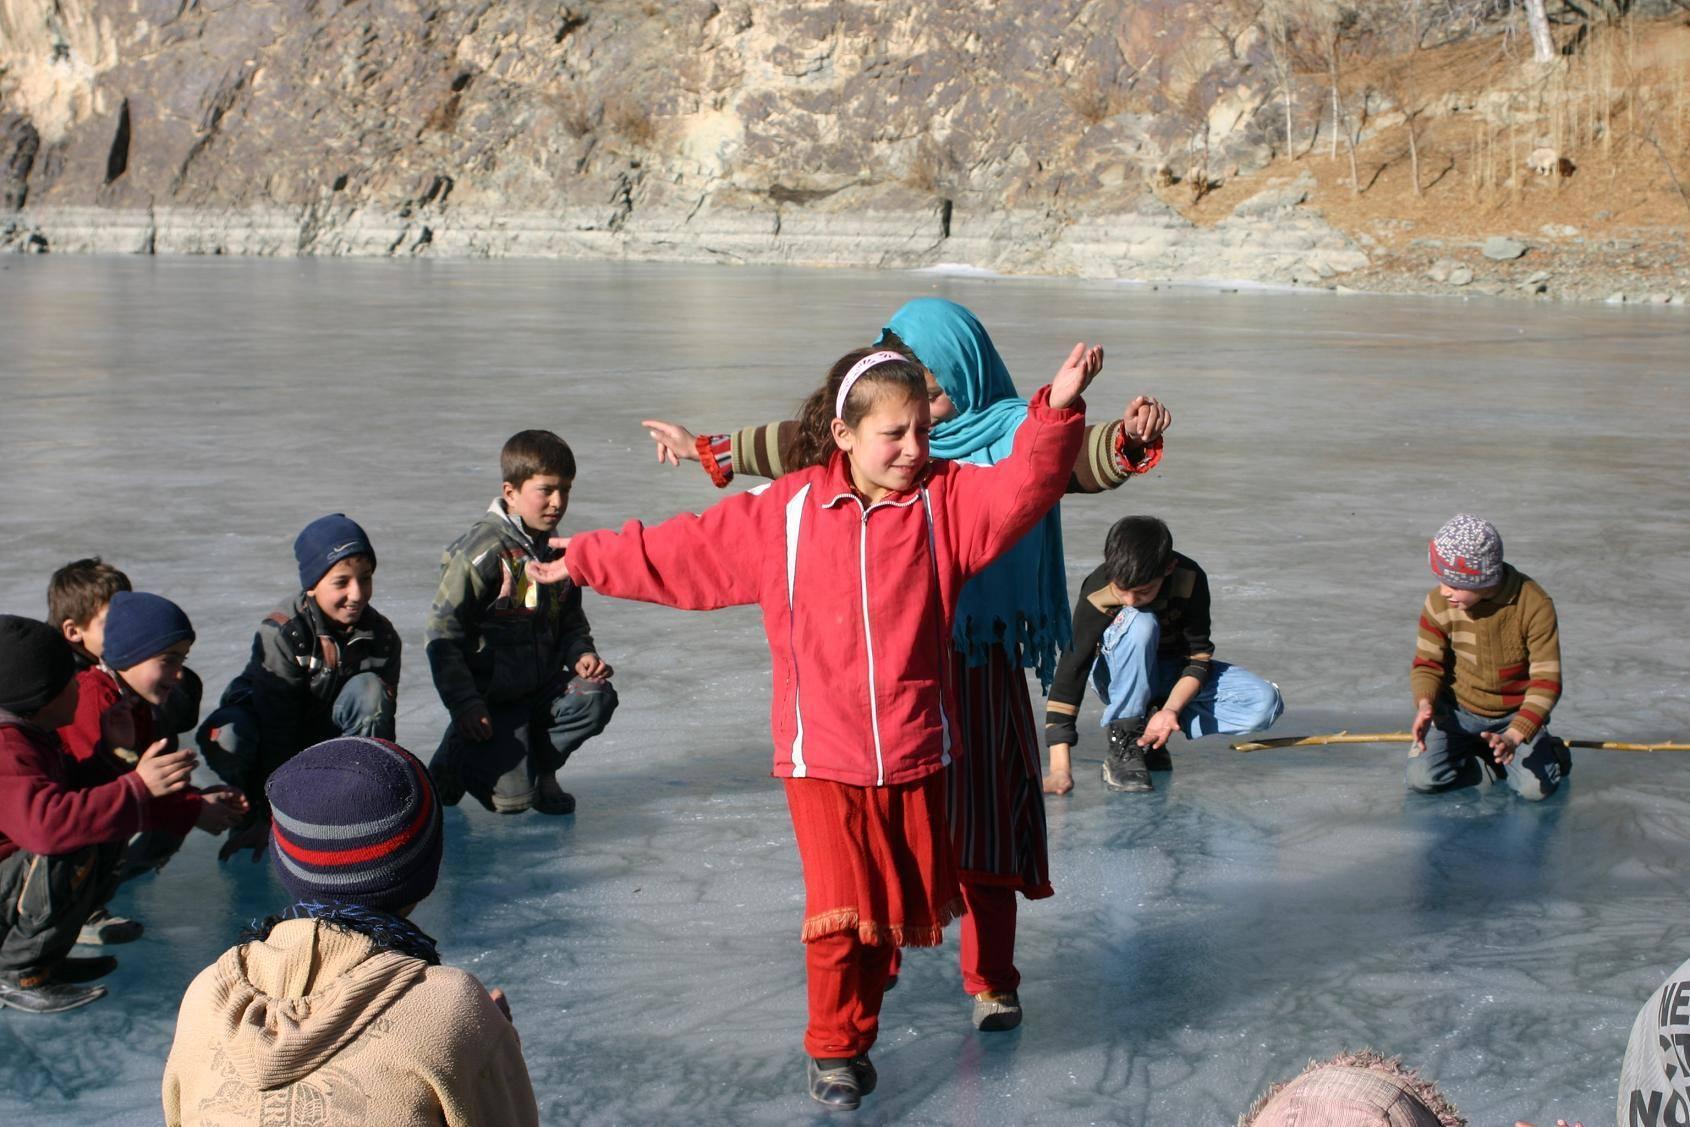 بچوں اور منچلوں نے منجمد خلتی جھیل کو کھیل کا میدان بنا دیا